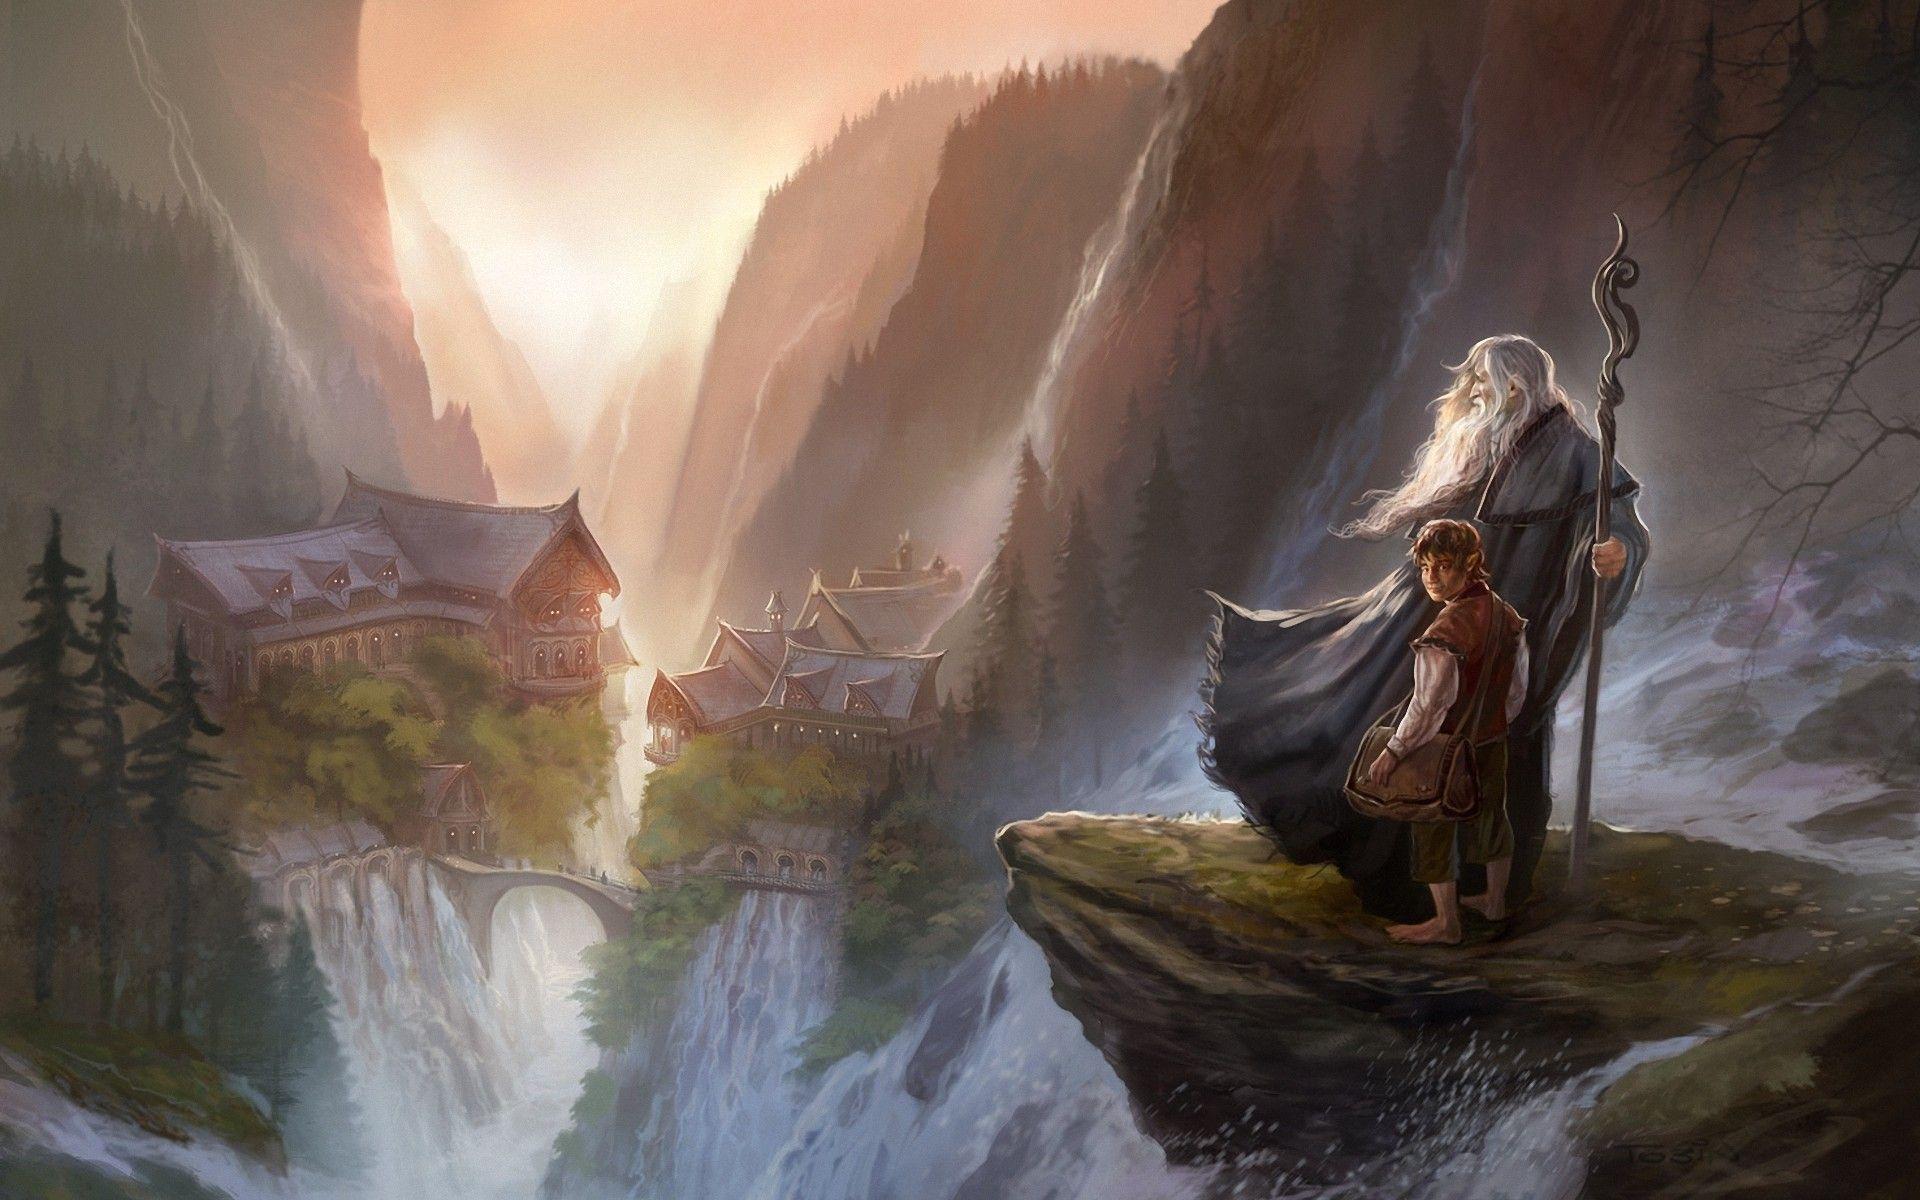 Fantasy Lotr Wallpaper Middle Earth Art Tolkien The Hobbit Jrr Tolkien